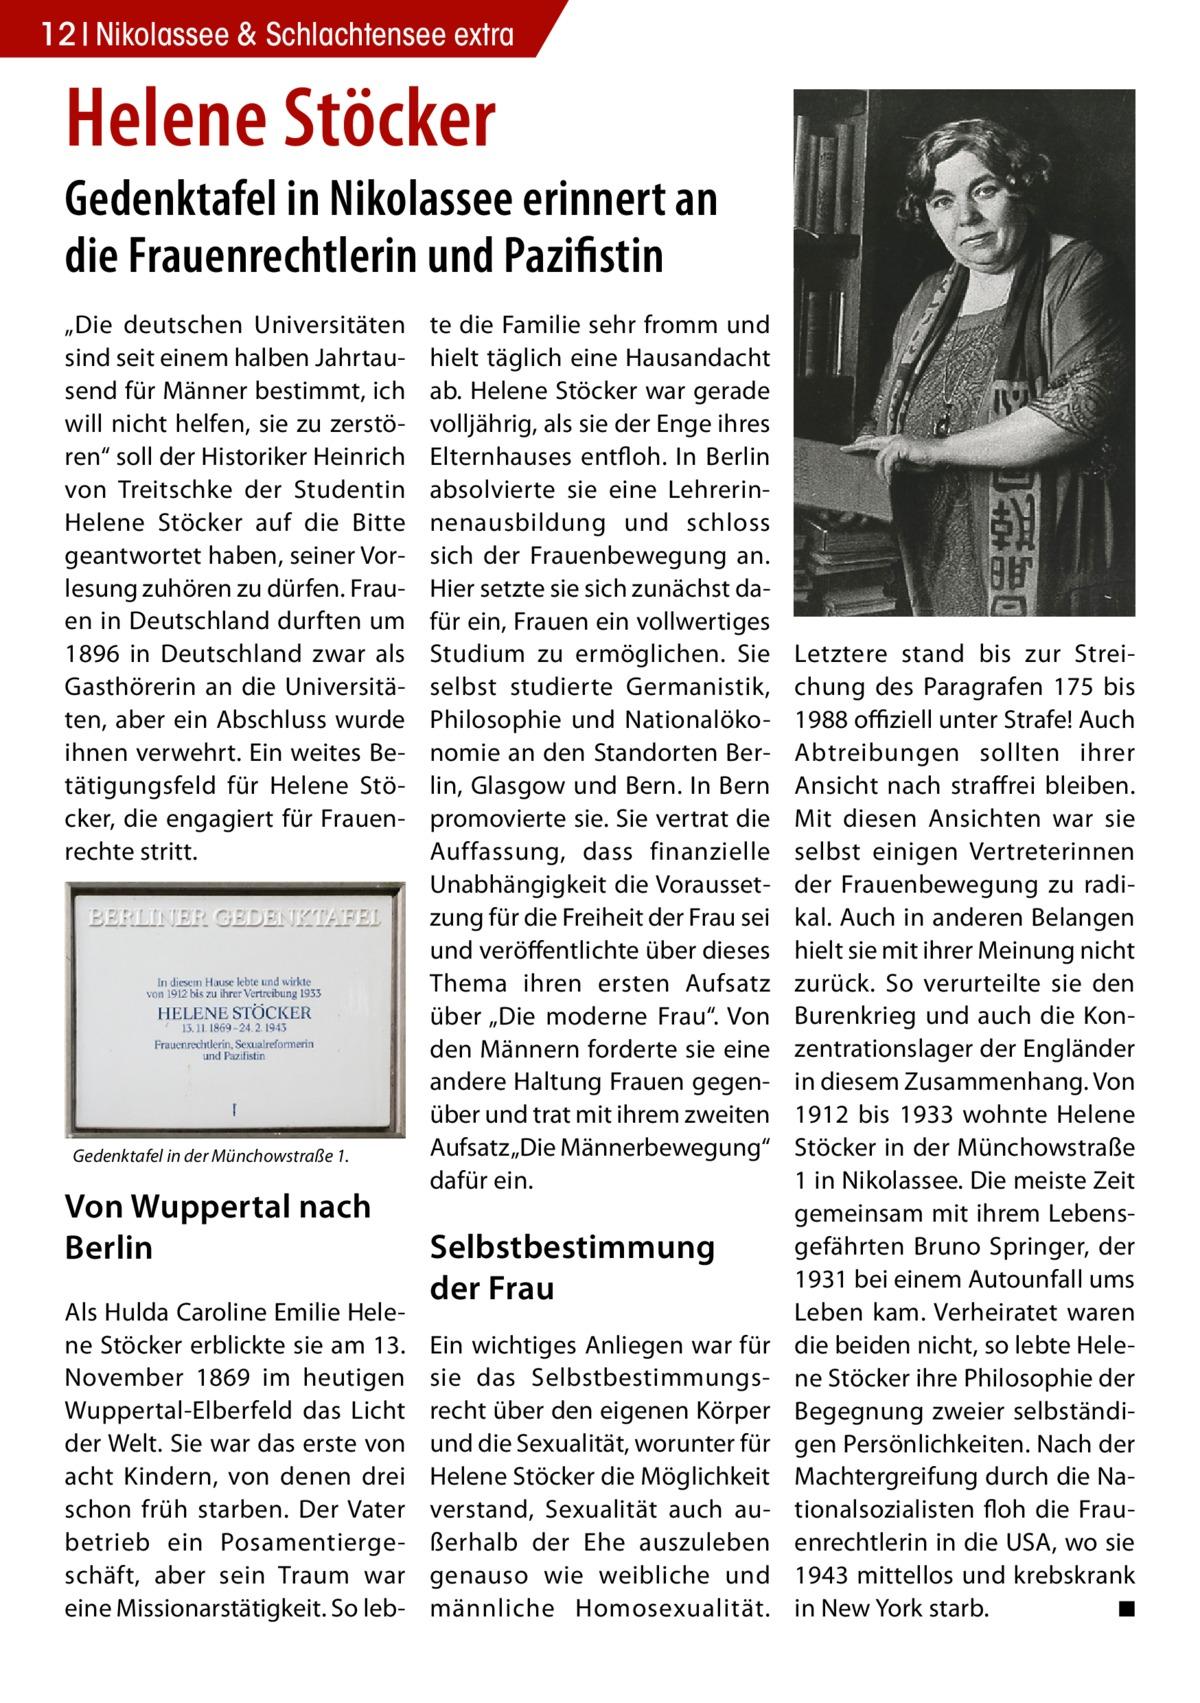 """12 Nikolassee & Schlachtensee extra  Helene Stöcker  Gedenktafel in Nikolassee erinnert an die Frauenrechtlerin und Pazifistin """"Die deutschen Universitäten sind seit einem halben Jahrtausend für Männer bestimmt, ich will nicht helfen, sie zu zerstören"""" soll der Historiker Heinrich von Treitschke der Studentin Helene Stöcker auf die Bitte geantwortet haben, seiner Vorlesung zuhören zu dürfen. Frauen in Deutschland durften um 1896 in Deutschland zwar als Gasthörerin an die Universitäten, aber ein Abschluss wurde ihnen verwehrt. Ein weites Betätigungsfeld für Helene Stöcker, die engagiert für Frauenrechte stritt.  Gedenktafel in der Münchowstraße 1.  Von Wuppertal nach Berlin Als Hulda Caroline Emilie Helene Stöcker erblickte sie am 13. November 1869 im heutigen Wuppertal-Elberfeld das Licht der Welt. Sie war das erste von acht Kindern, von denen drei schon früh starben. Der Vater betrieb ein Posamentiergeschäft, aber sein Traum war eine Missionarstätigkeit. So leb te die Familie sehr fromm und hielt täglich eine Hausandacht ab. Helene Stöcker war gerade volljährig, als sie der Enge ihres Elternhauses entfloh. In Berlin absolvierte sie eine Lehrerinnenausbildung und schloss sich der Frauenbewegung an. Hier setzte sie sich zunächst dafür ein, Frauen ein vollwertiges Studium zu ermöglichen. Sie selbst studierte Germanistik, Philosophie und Nationalökonomie an den Standorten Berlin, Glasgow und Bern. In Bern promovierte sie. Sie vertrat die Auffassung, dass finanzielle Unabhängigkeit die Voraussetzung für die Freiheit der Frau sei und veröffentlichte über dieses Thema ihren ersten Aufsatz über """"Die moderne Frau"""". Von den Männern forderte sie eine andere Haltung Frauen gegenüber und trat mit ihrem zweiten Aufsatz """"Die Männerbewegung"""" dafür ein.  Selbstbestimmung der Frau Ein wichtiges Anliegen war für sie das Selbstbestimmungsrecht über den eigenen Körper und die Sexualität, worunter für Helene Stöcker die Möglichkeit verstand, Sexualität auch außerhalb der Ehe auszuleben """